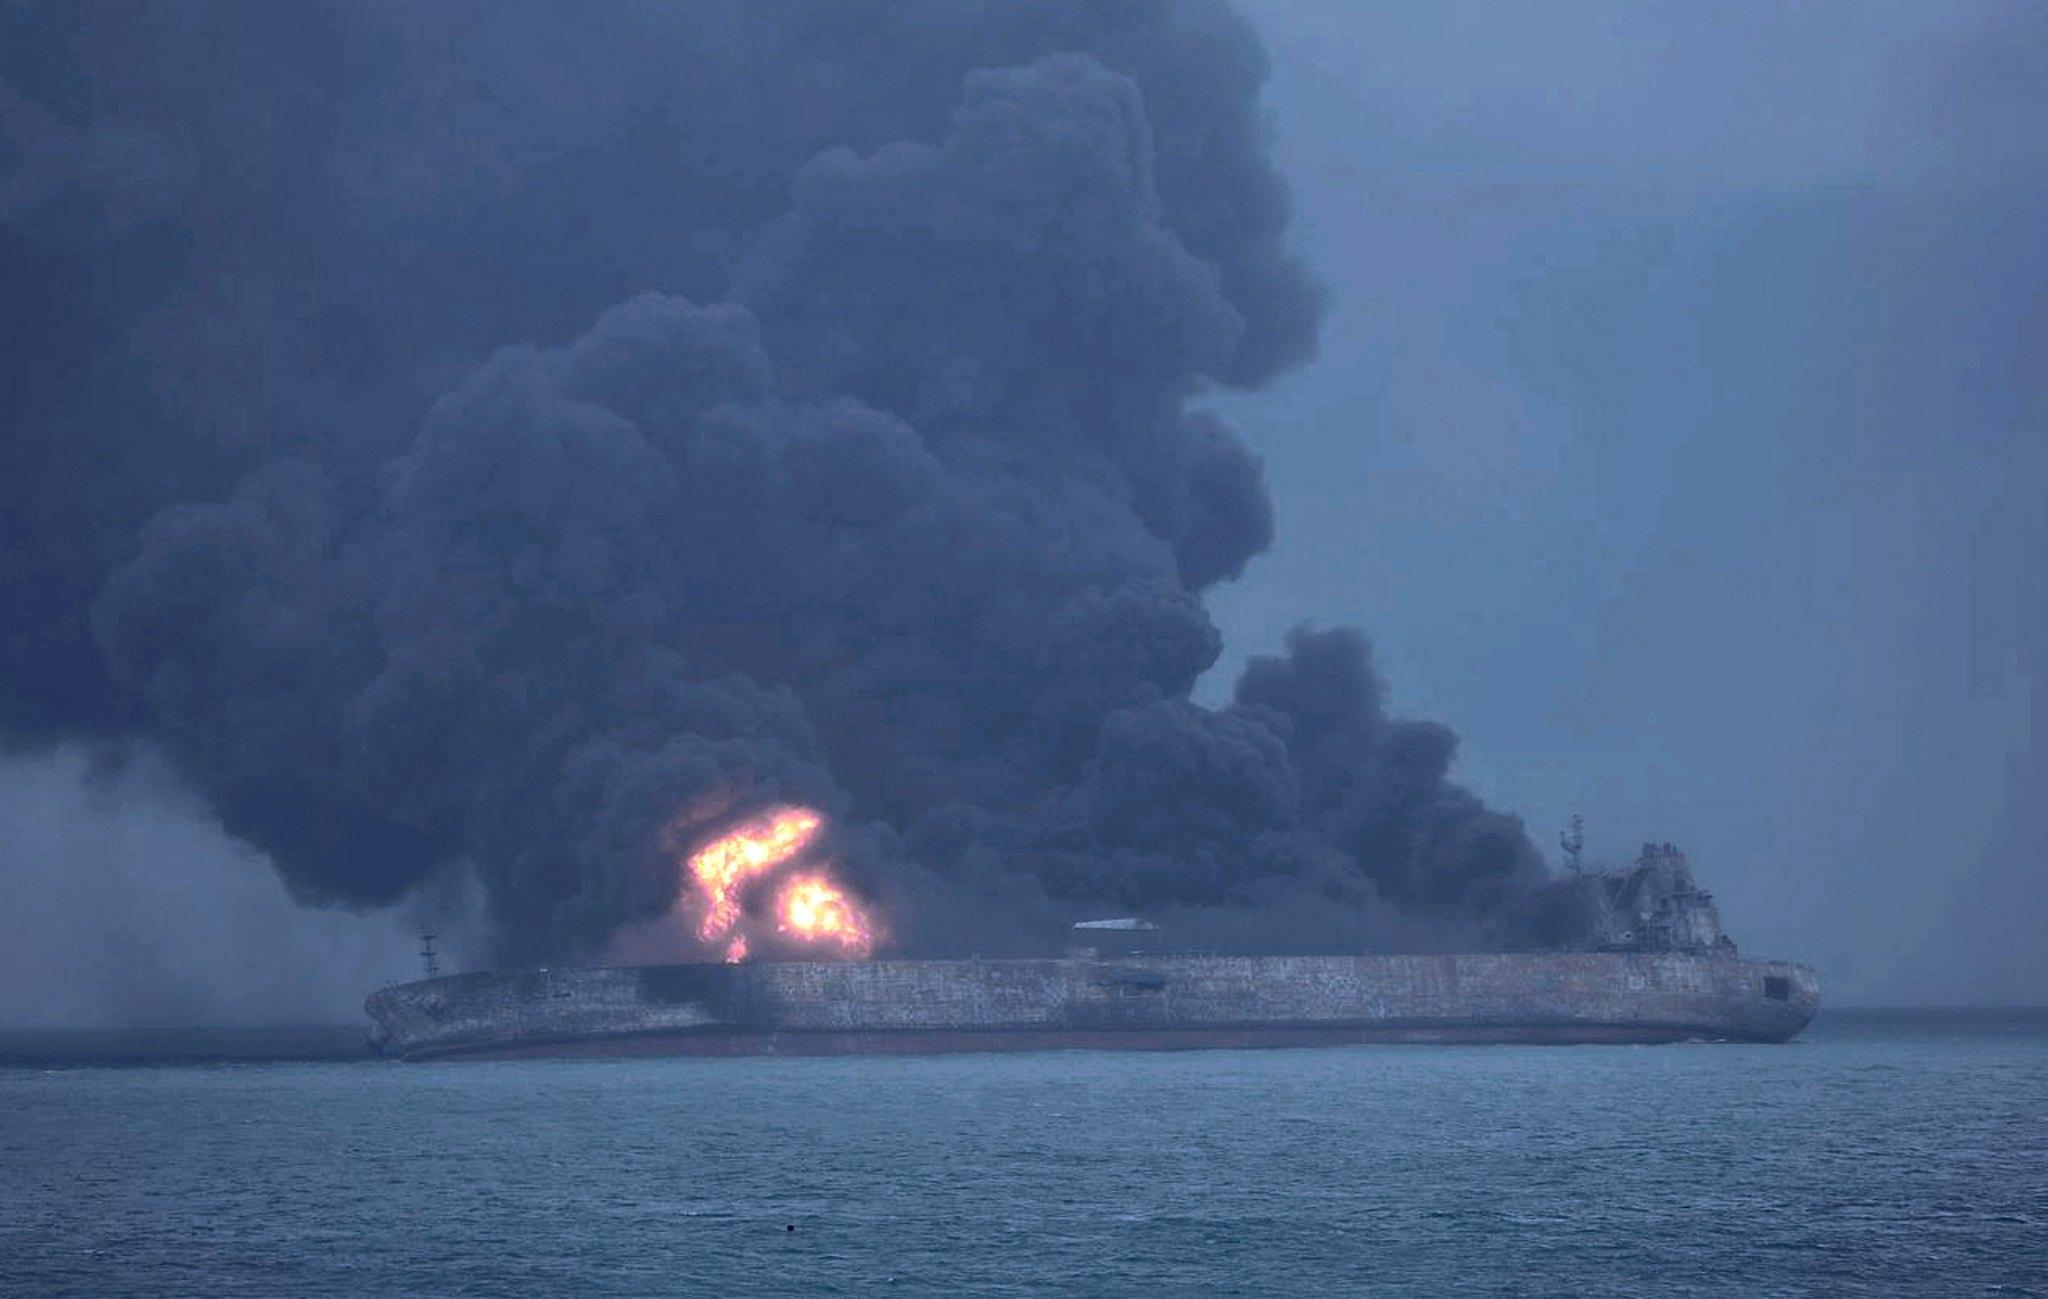 Iran,no speranze per dispersi petroliera